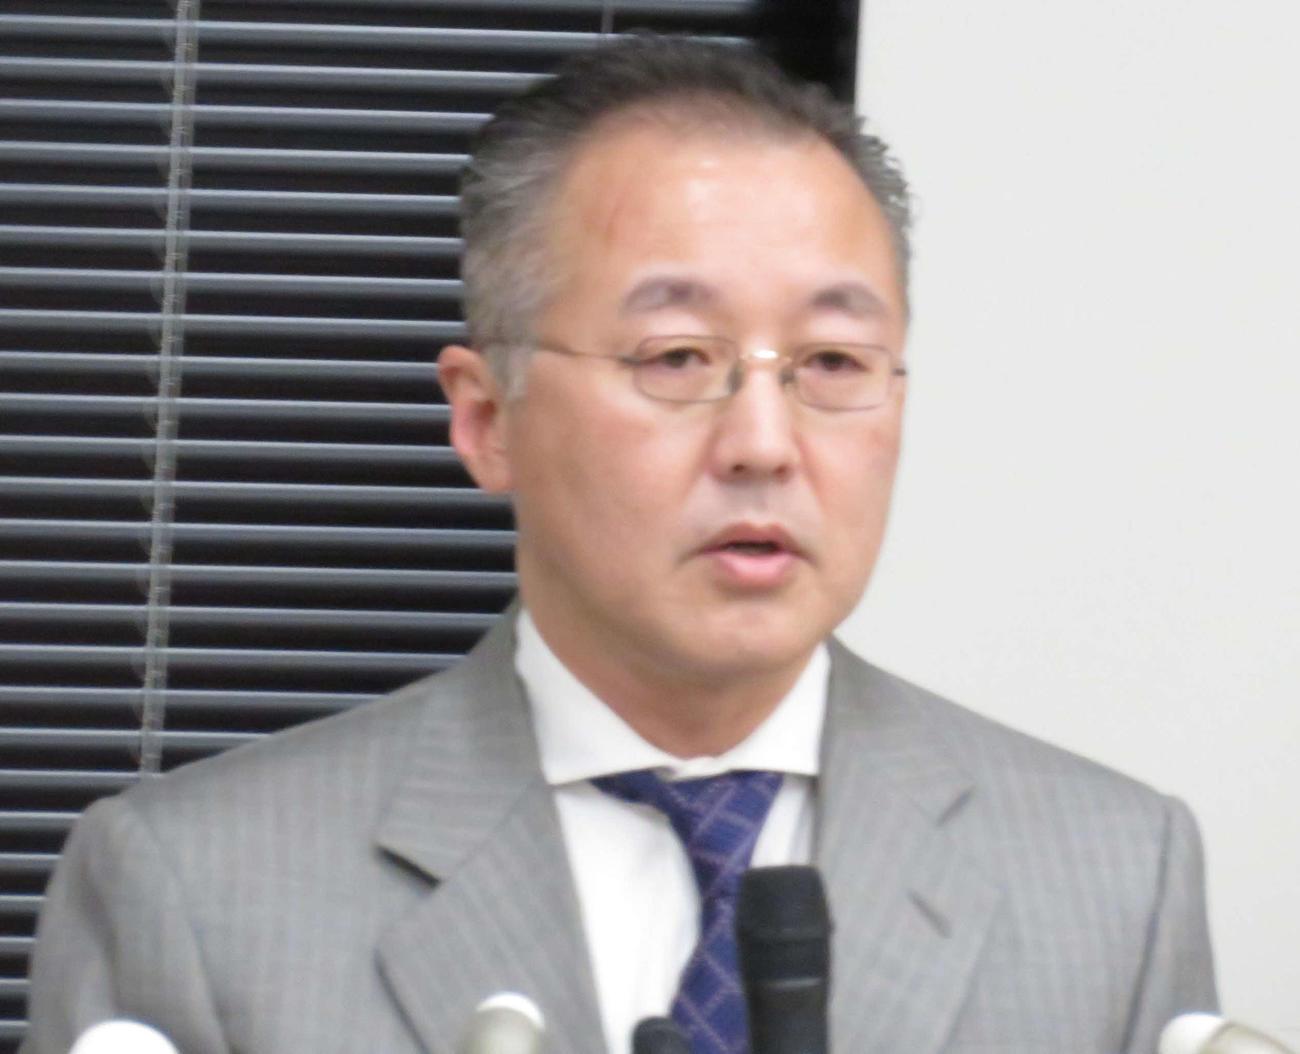 伊藤詩織さん裁判敗訴の山口敬之氏「一方的」控訴へ , 社会